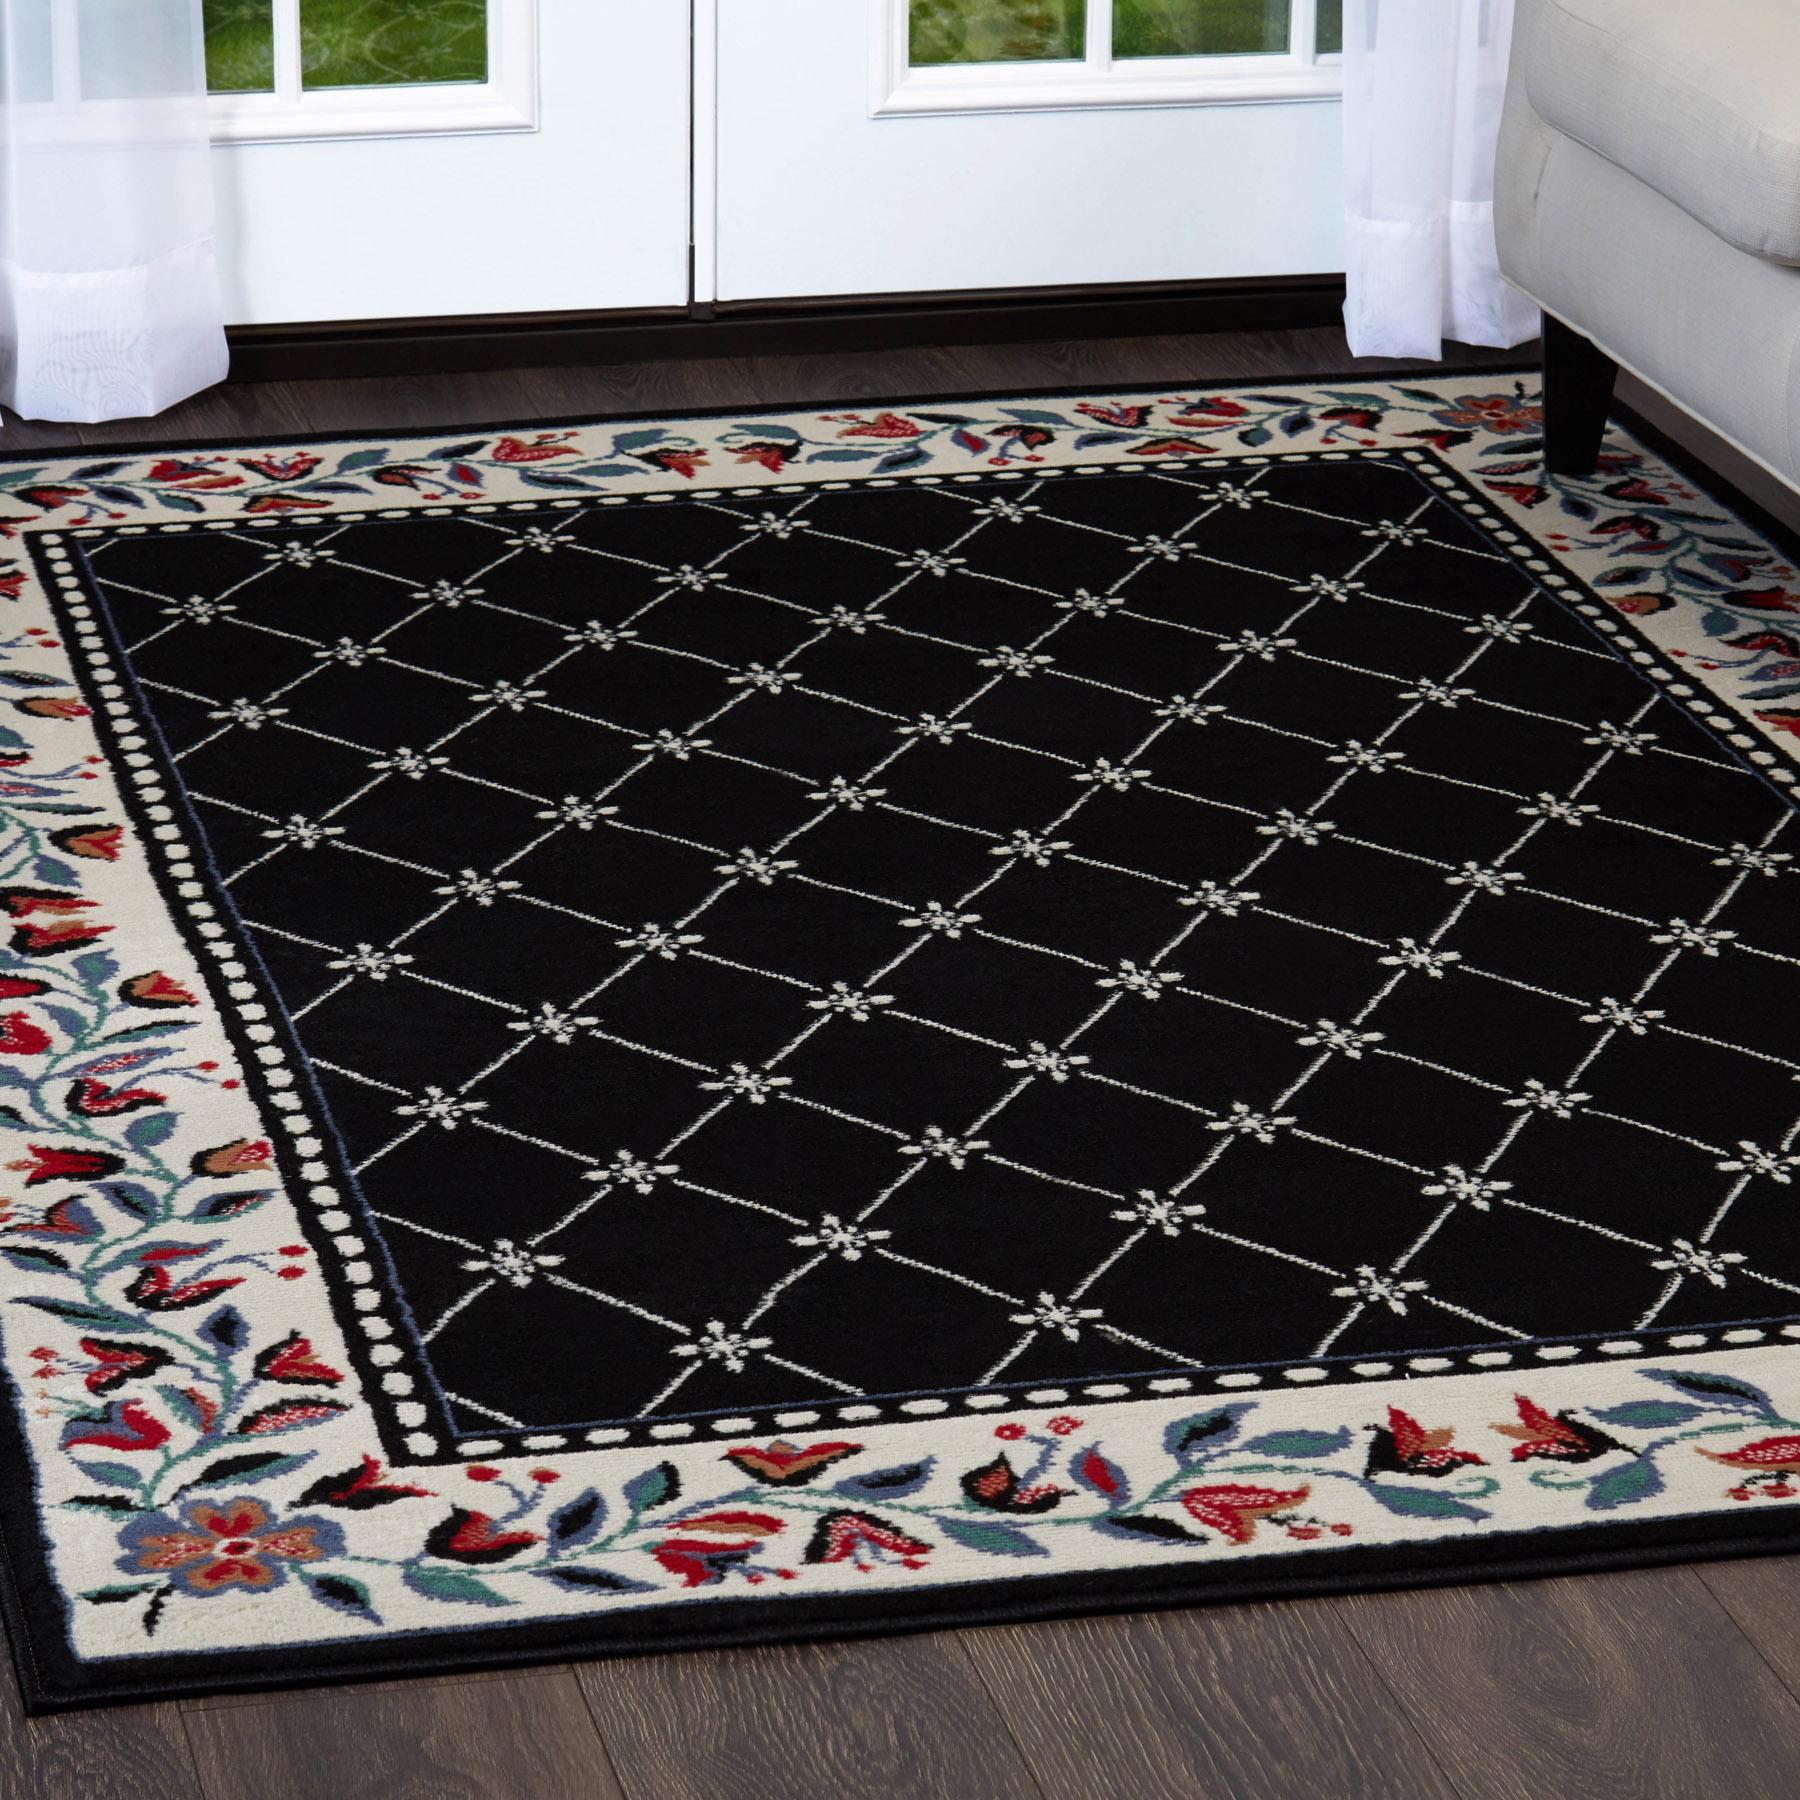 trellis moroccan tile area rug or floral lattice modern. Black Bedroom Furniture Sets. Home Design Ideas